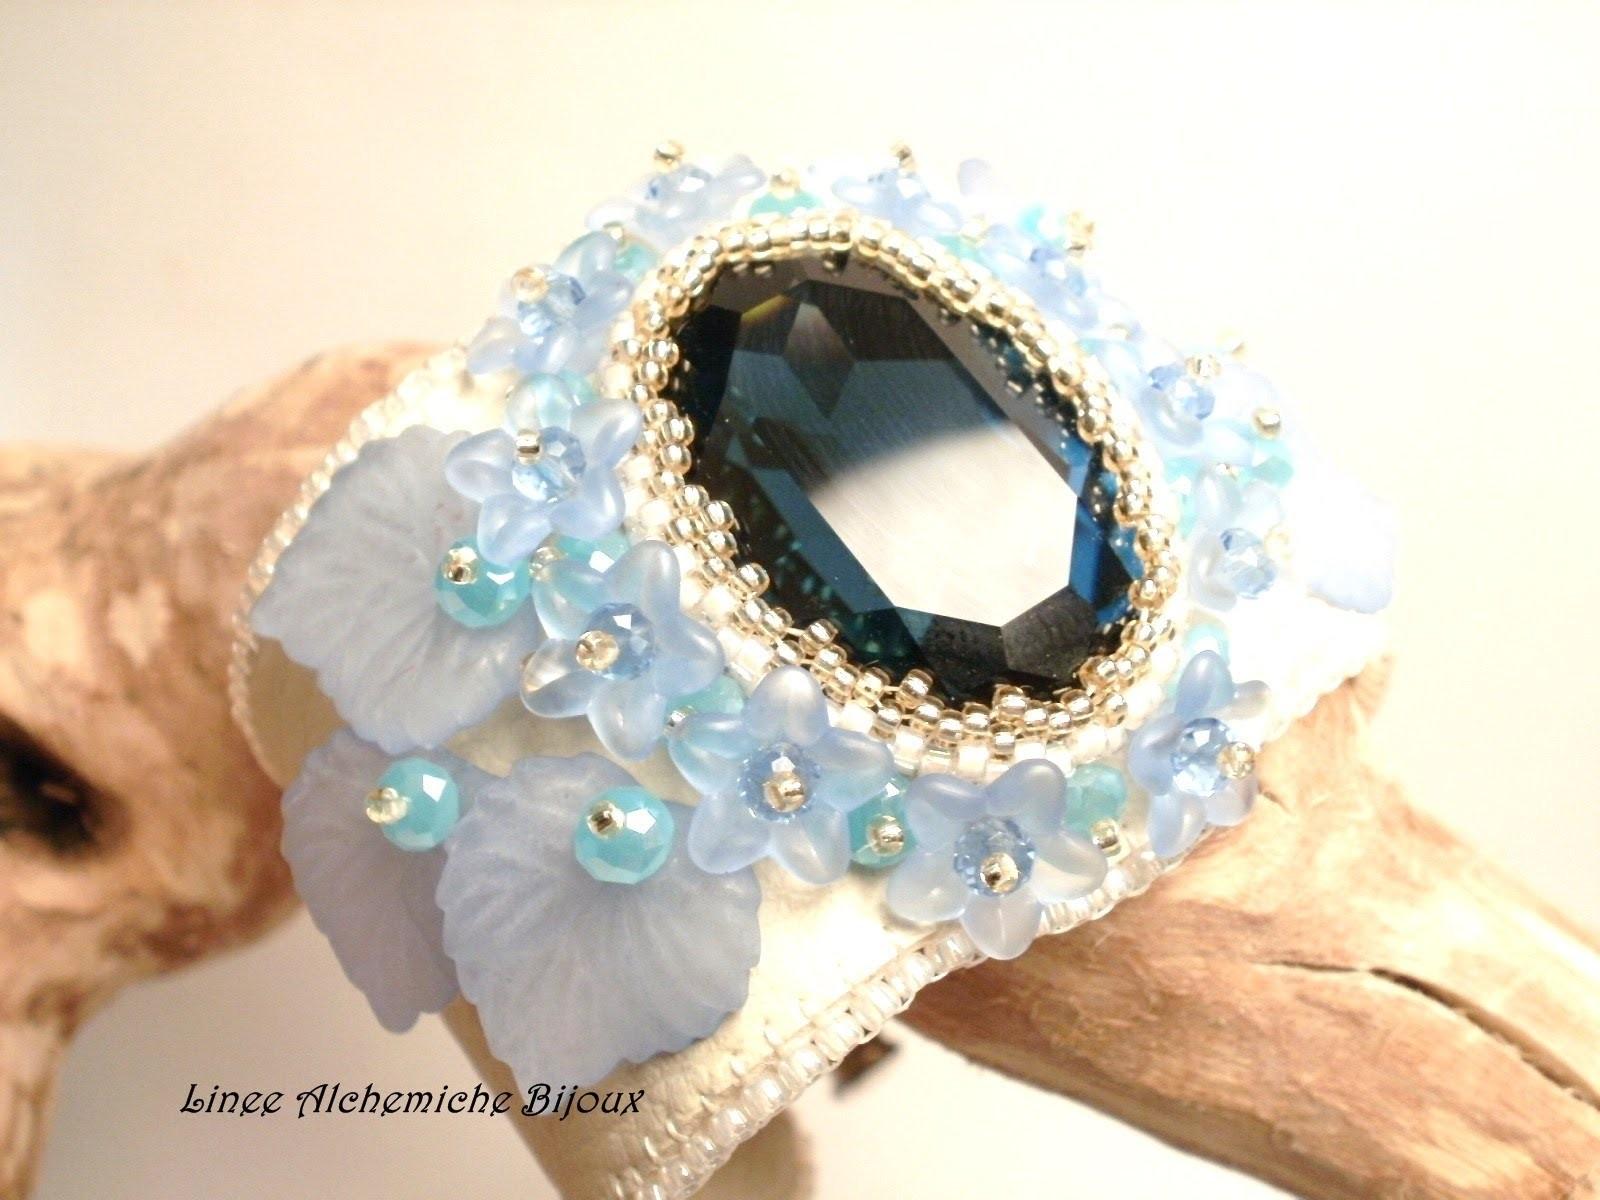 Nuove creazioni | Bead embroidery e Bead crochet - Schemi per bead crochet | Bead crochet pattern